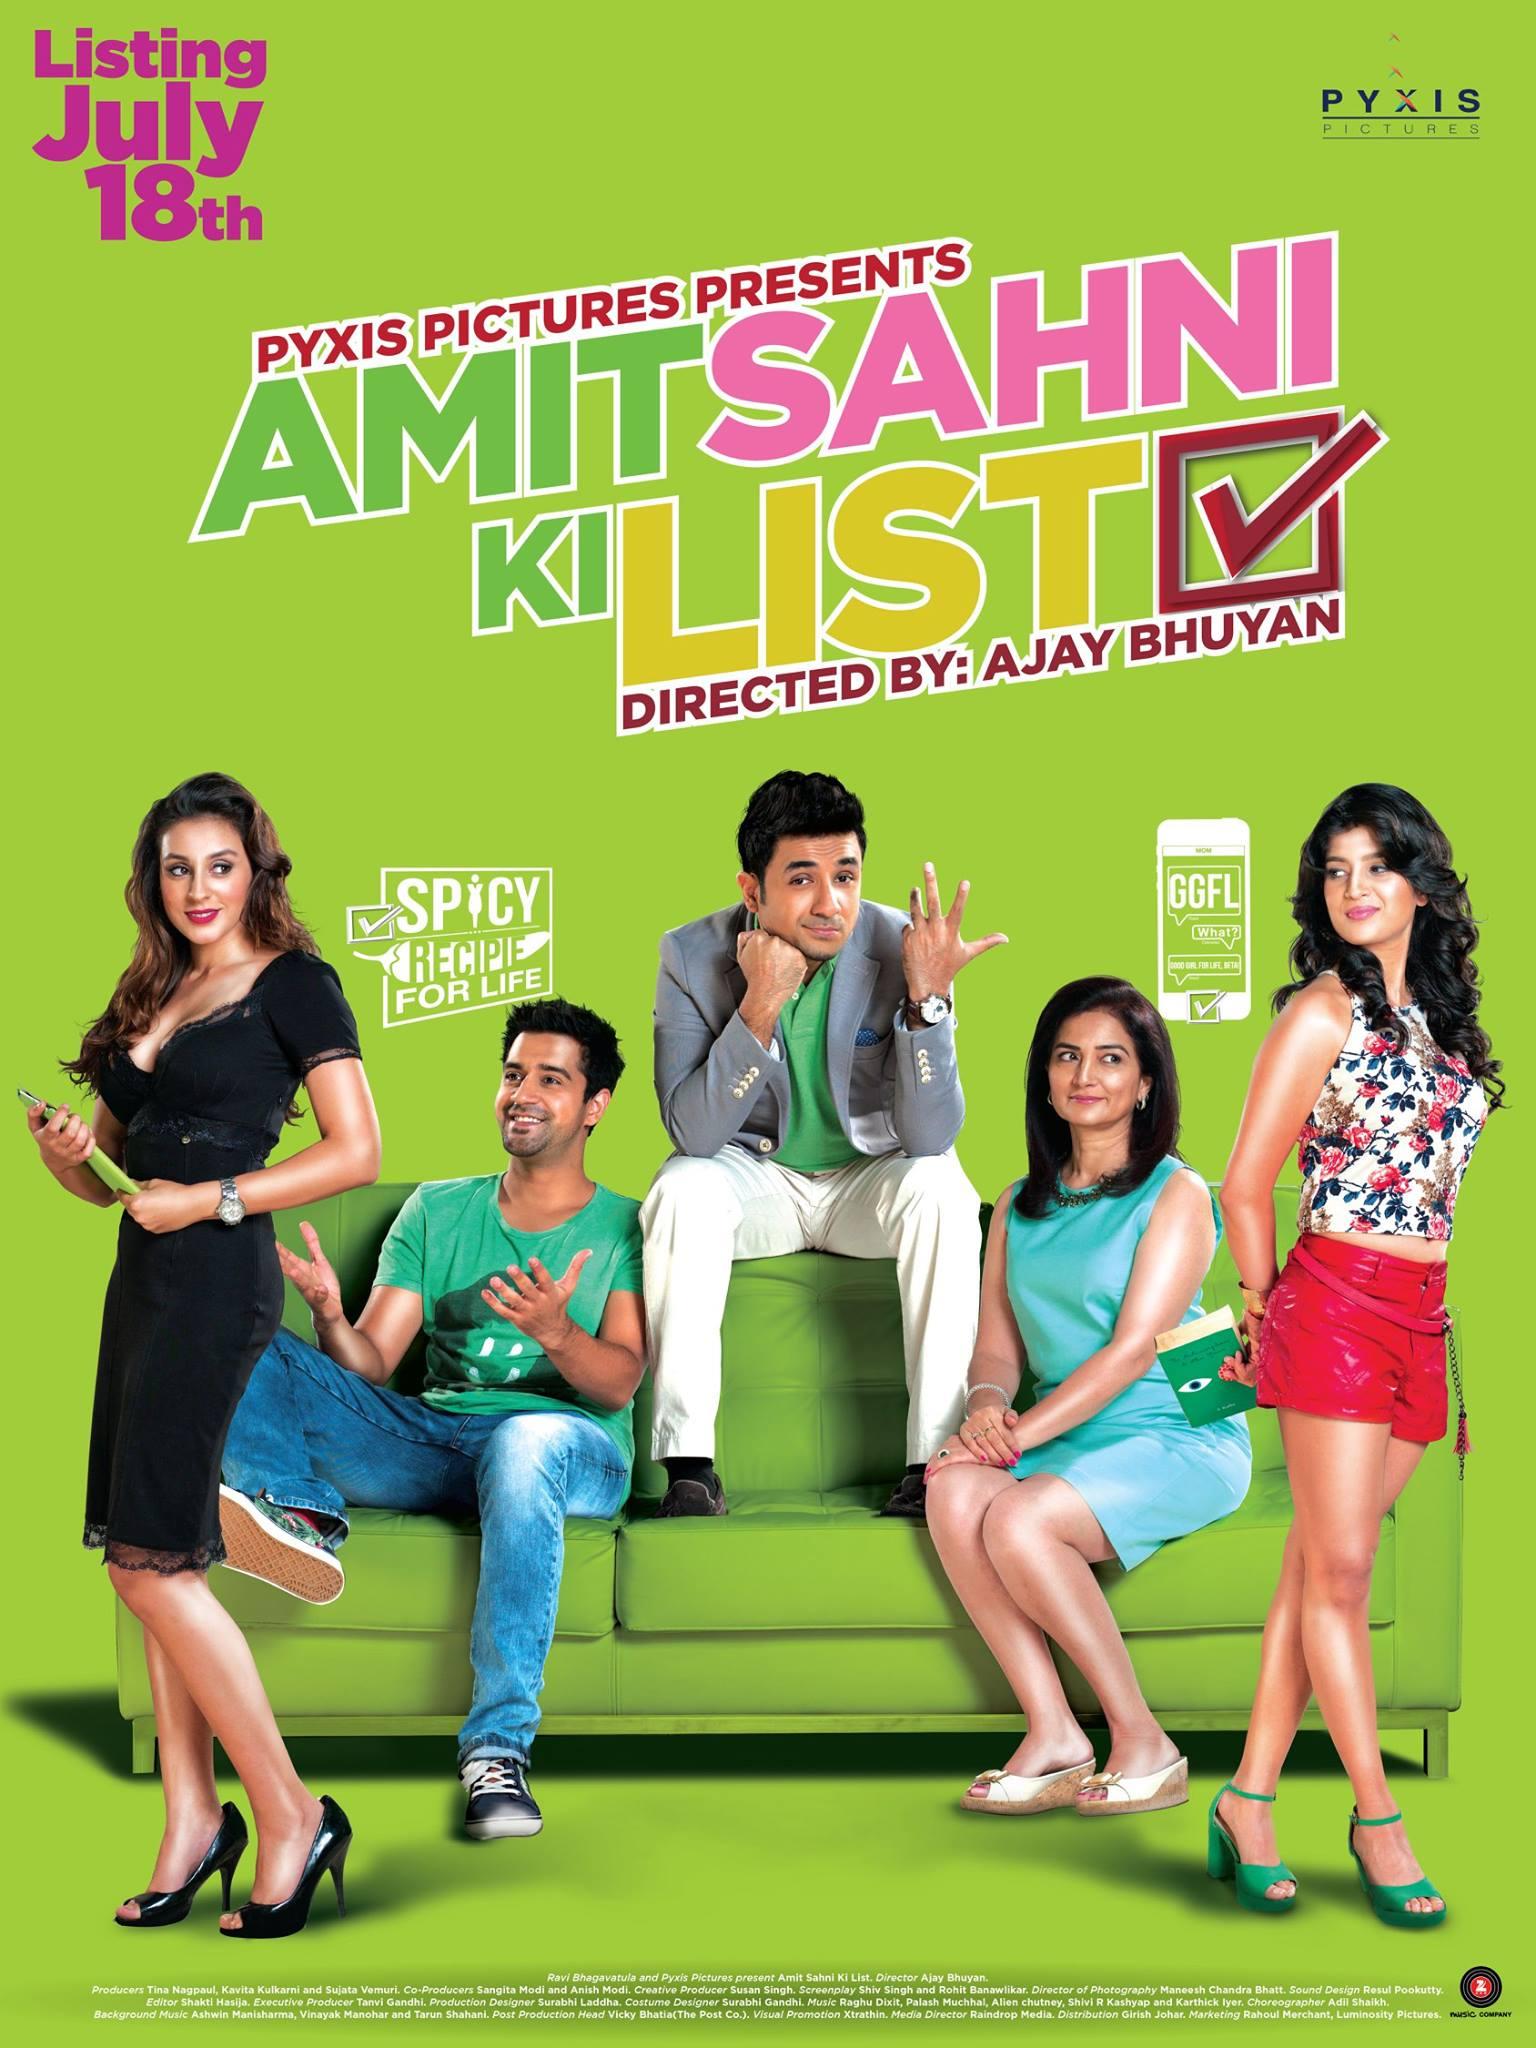 Natasha Rastogi, Vir Das, Ntasha Bhardwaj, and Anindita Nayar in Amit Sahni Ki List (2014)